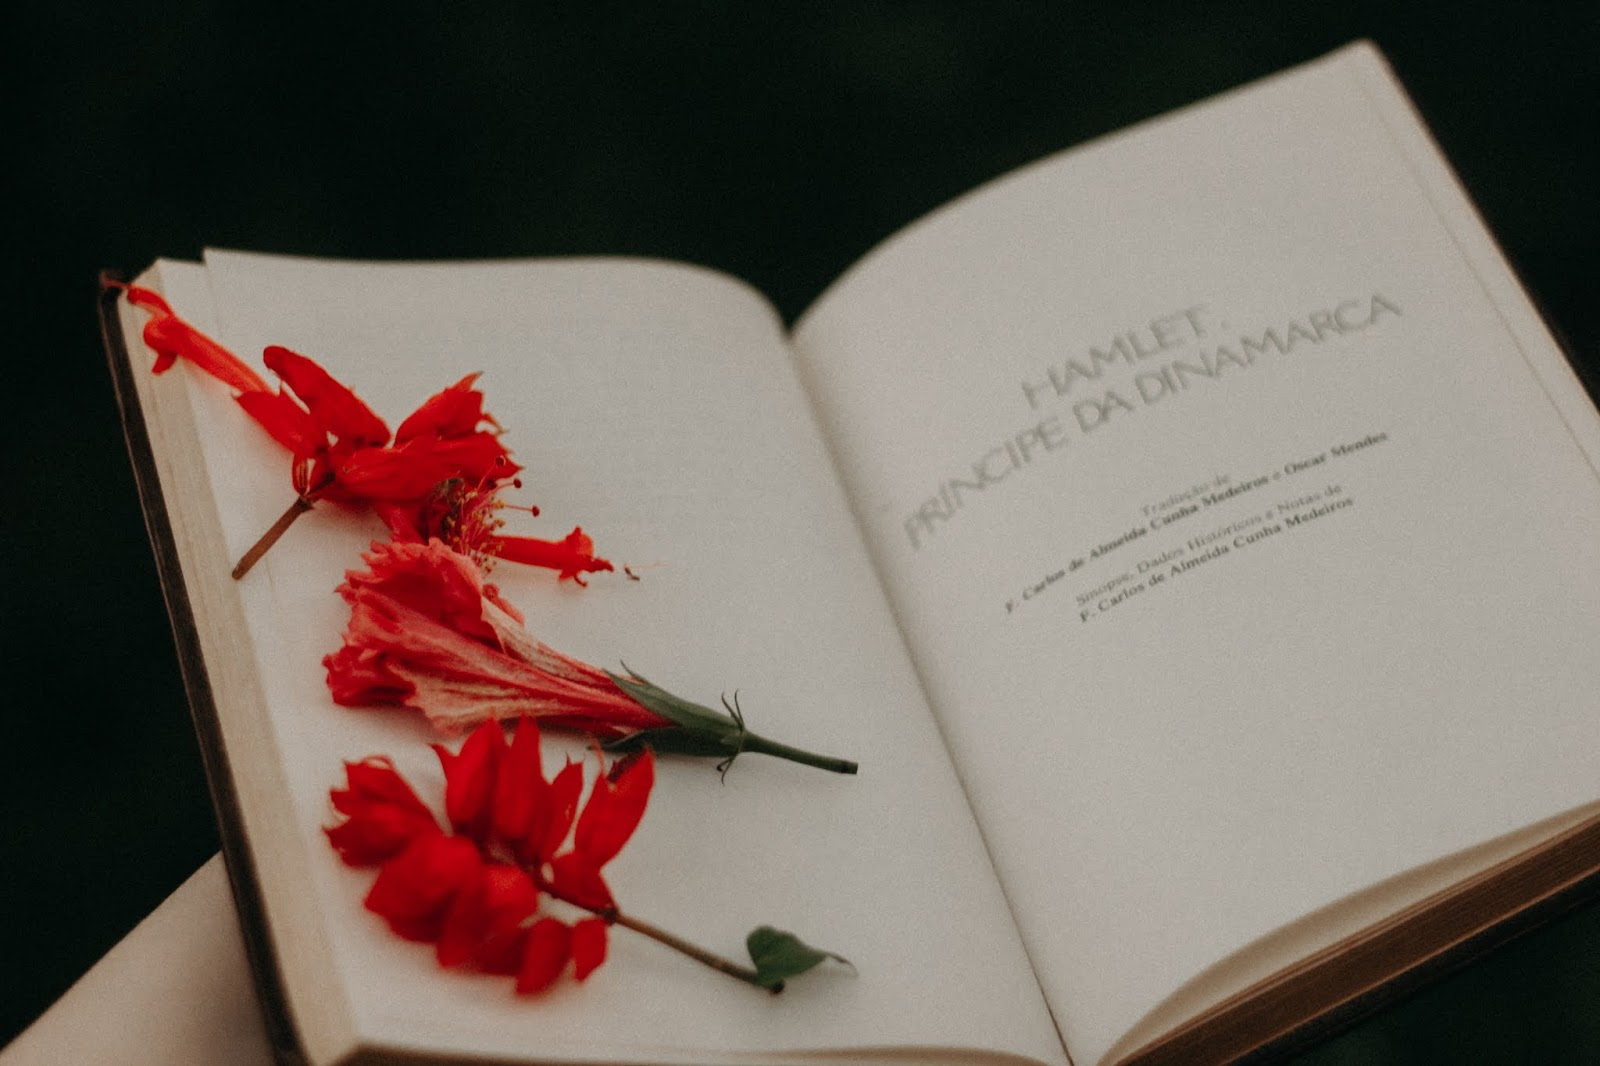 Livros tem o poder de te enviar para uma realidade completamente diferente da sua, te faz viver aventuras e conhecer lugares que tu nunca imaginou que iria ser possível ou interessante. Por conta disso ele acaba te inspirando de uma forma ou outra. Sempre amei escutar histórias ou assistir filmes, mas achava que os detalhes eram insuficientes e os livros conseguiam satisfazer essa minha curiosidade.    O engraçado que quando pequena, sempre imagine que ler varias paginas seria bem chato para uma pessoa inquieta como eu. Mas, graças a ser uma criança espoleta que vivia fazendo arte, minha mãe me colocava de castigo no quarto ser direito a sair e assistir filmes. Foi então que tive a brilhante ideia de me cadastrar na biblioteca da escola, comecei com poesias já que eram pequenas, mas pra uma criança de 10 anos não era divertido o suficiente, então me aventurei em clássicos da literatura como Morro dos ventos Uivantes (meu primeiro crush literário foi o Heathcliff). Com o tempo eu comecei a devorar vários livros por semana, ler outros gêneros e ter um livro ao alcance da mão em todos os momentos do dia. Chegou em uma época (livros digitais) que eu chegava a ler 1 livro por dia. Hoje continuo lendo bastante, inclusive se vocês tiverem algum livro para indicar e que a leitura seja envolvente é só deixar nos comentários <3 Mad Souls Blog